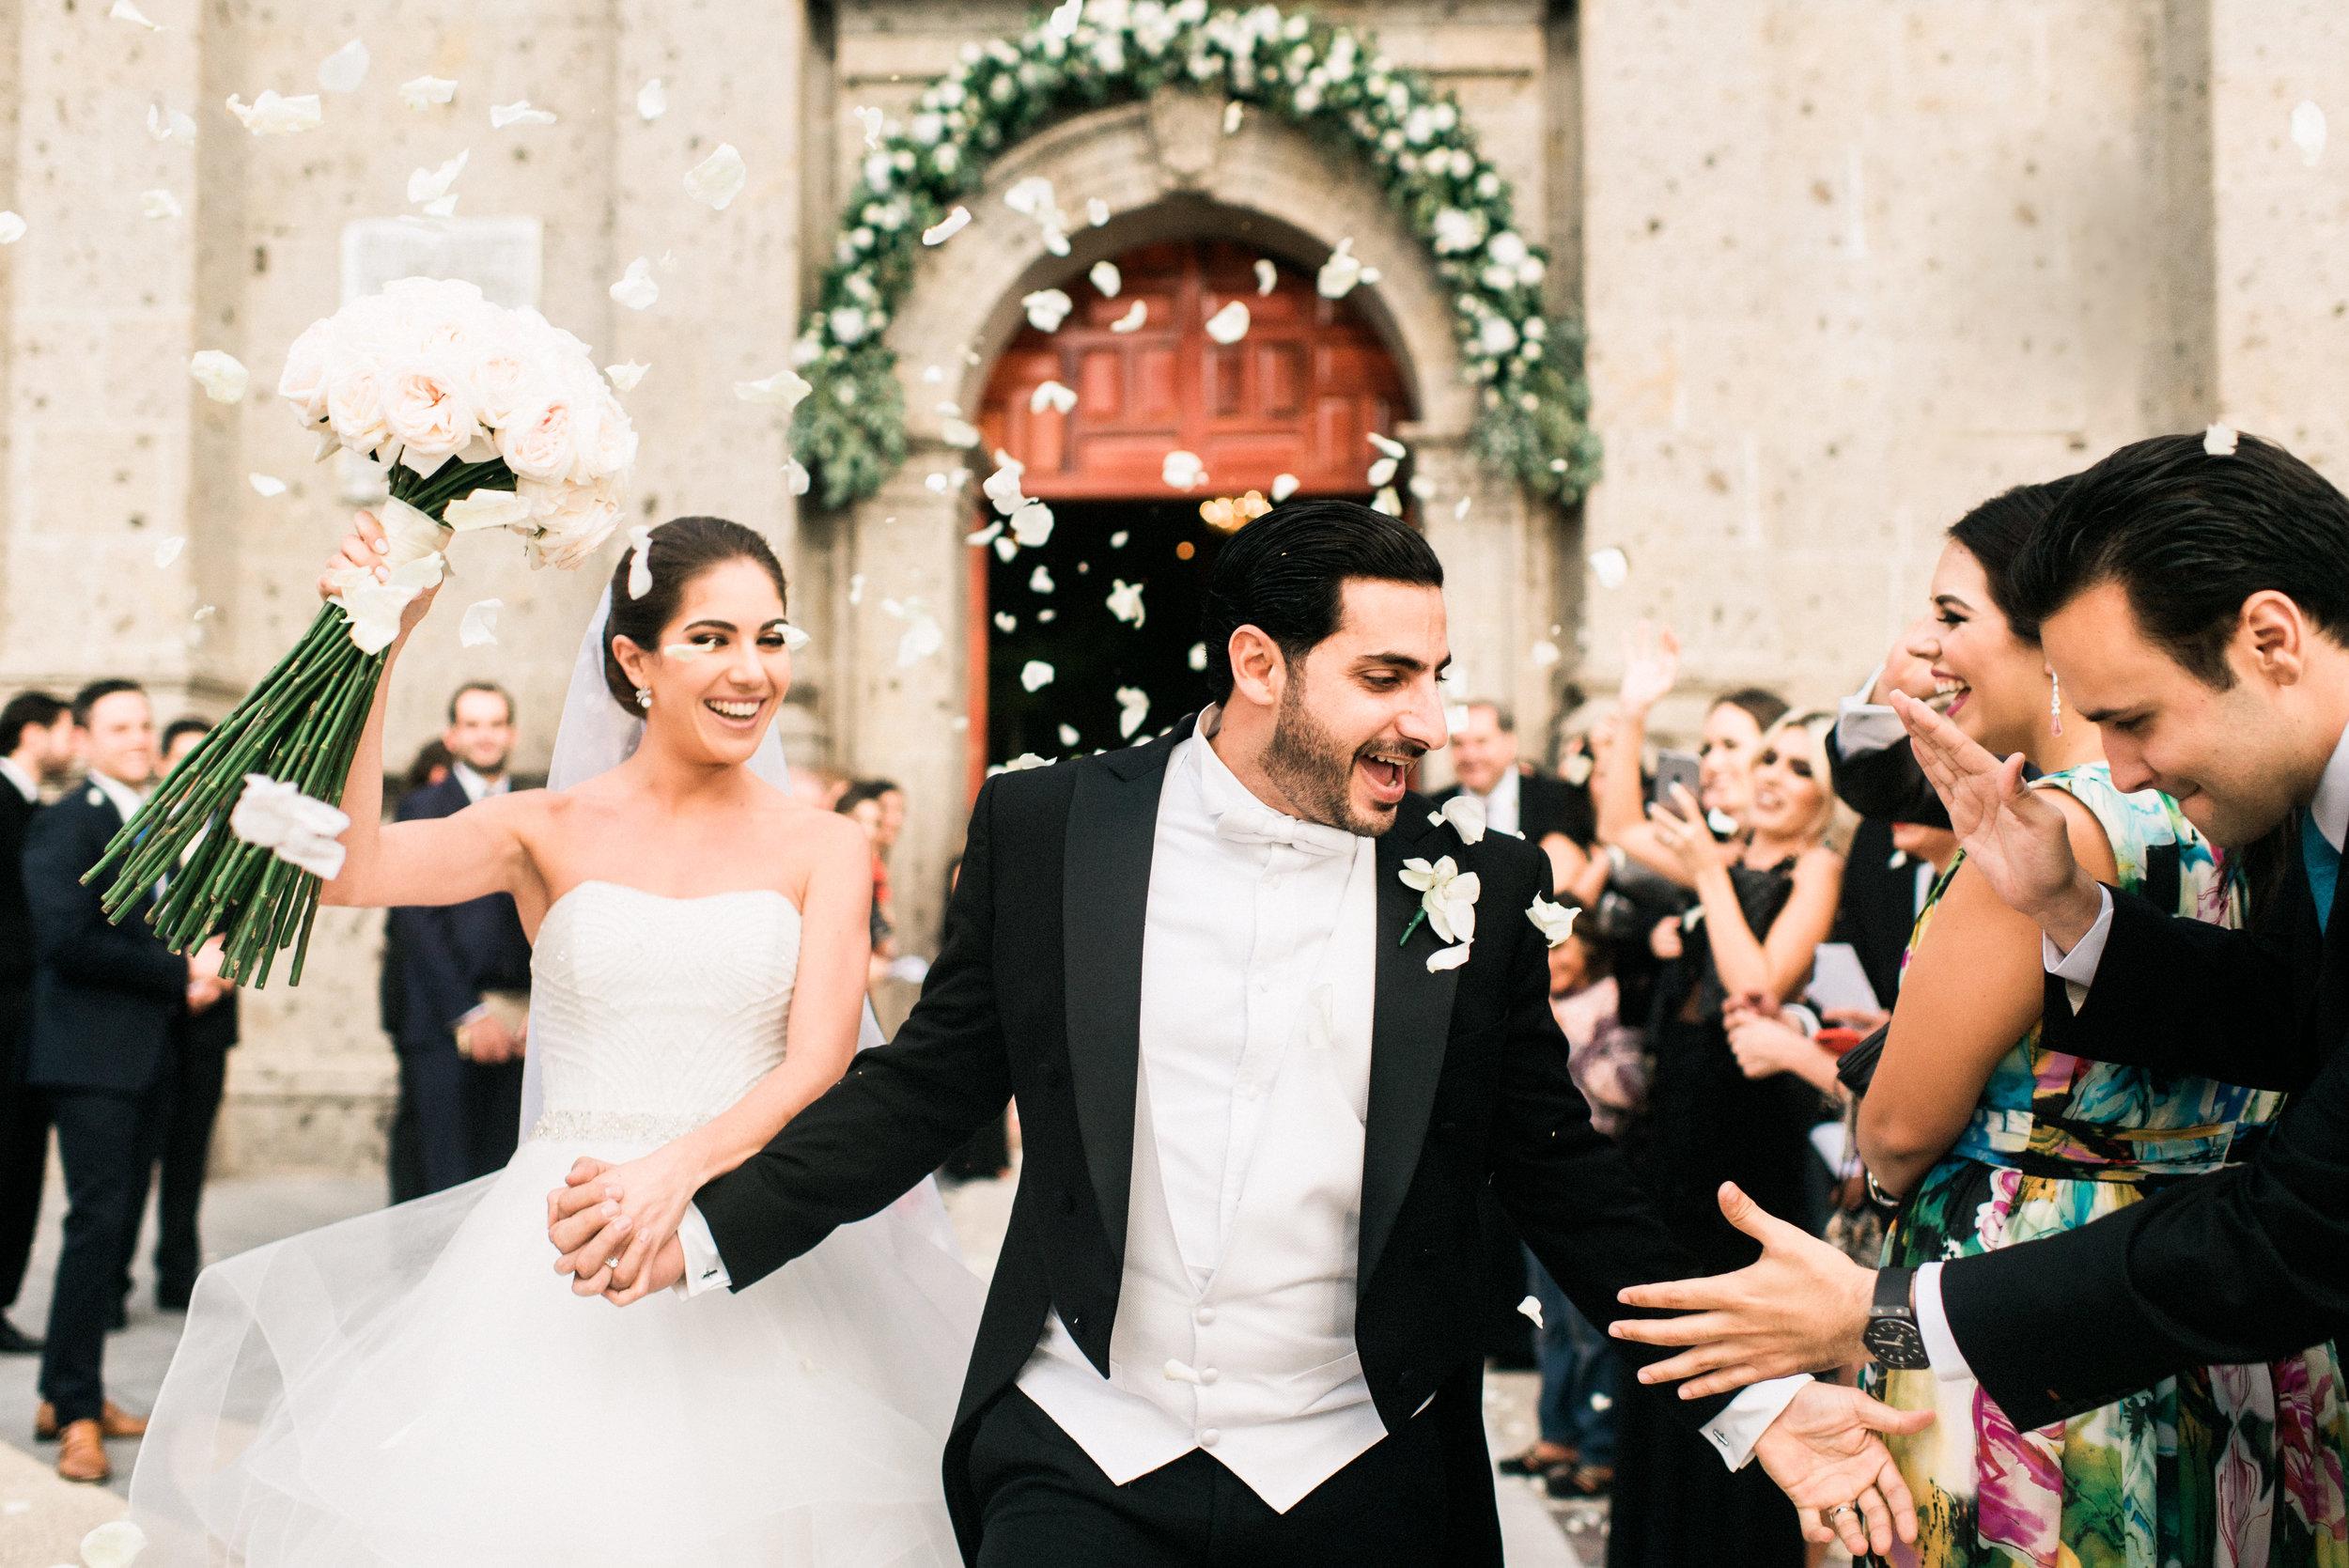 WeddingPohotographer-.jpg